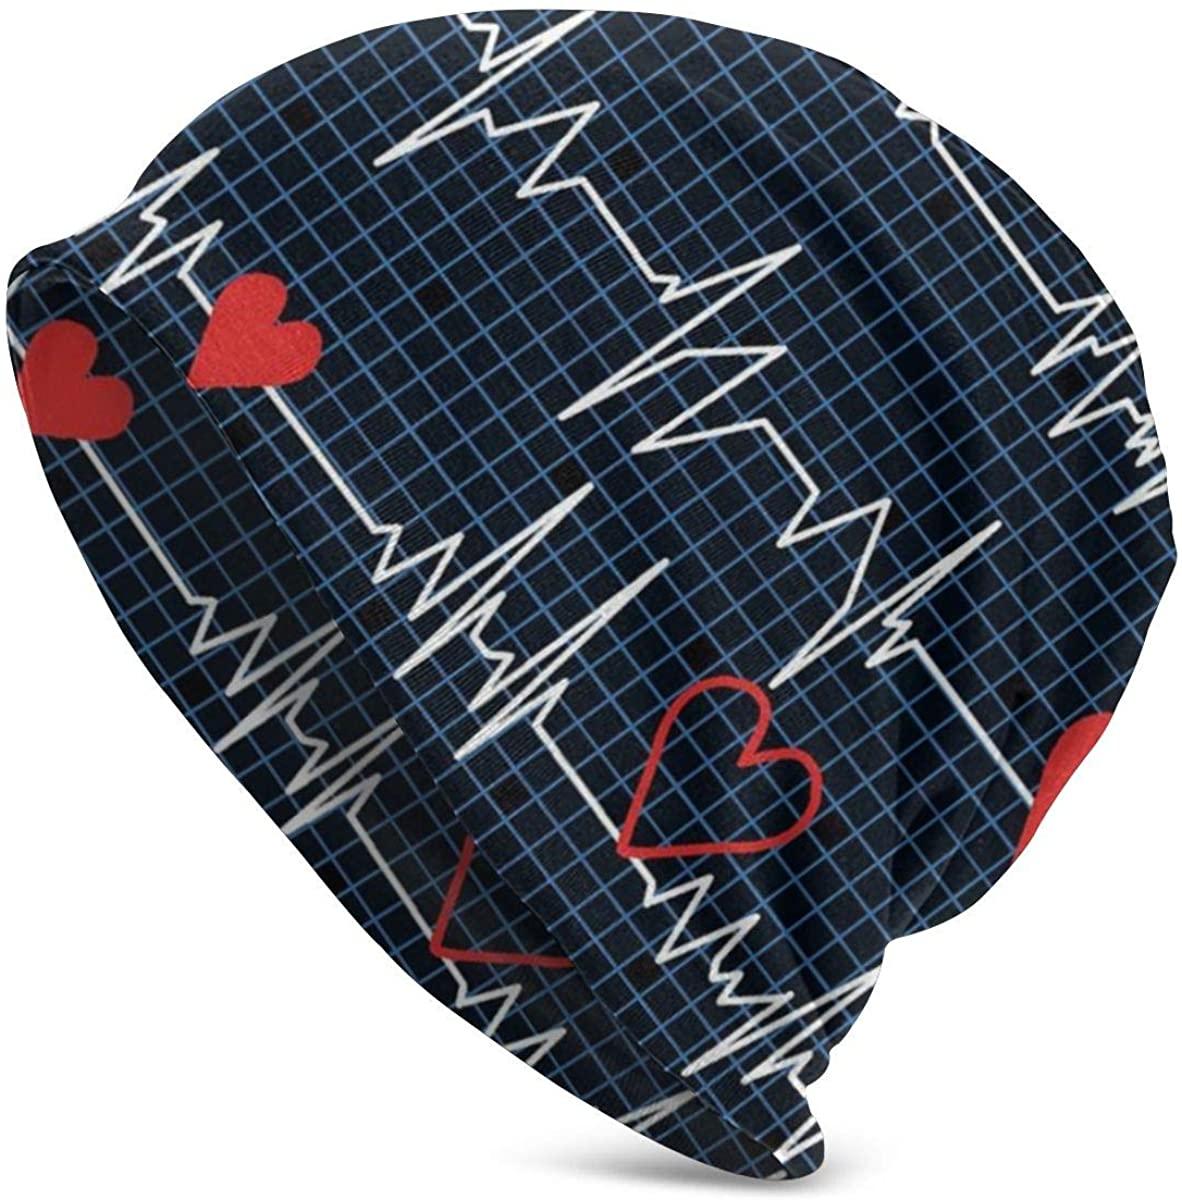 Medical Equipment Knit Skull Beanie Hat Cap for Men or Women Black